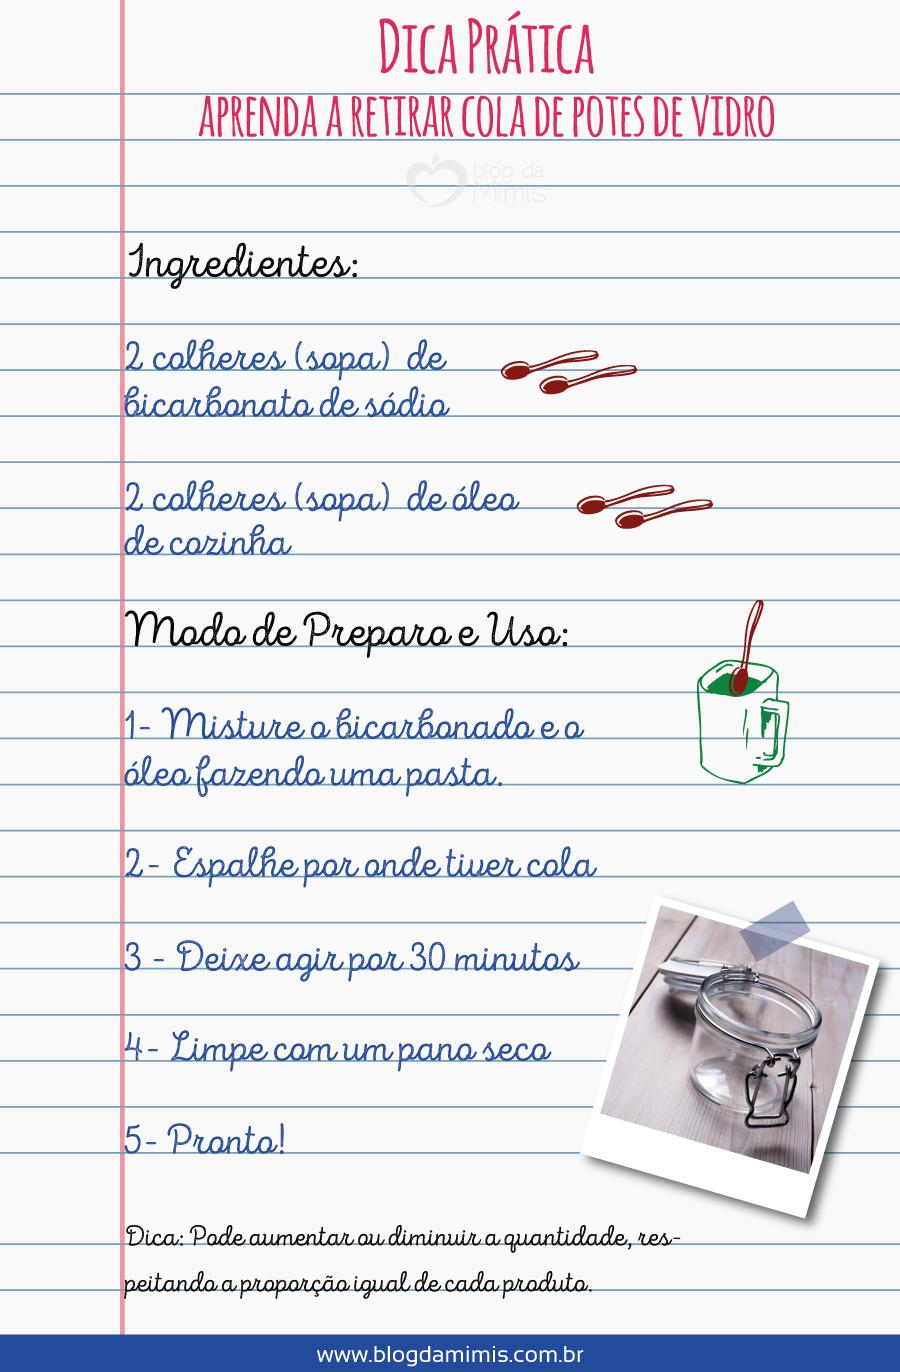 retirar-cola-pote-vidro-blog-da-mimis-michelle-franzoni-post